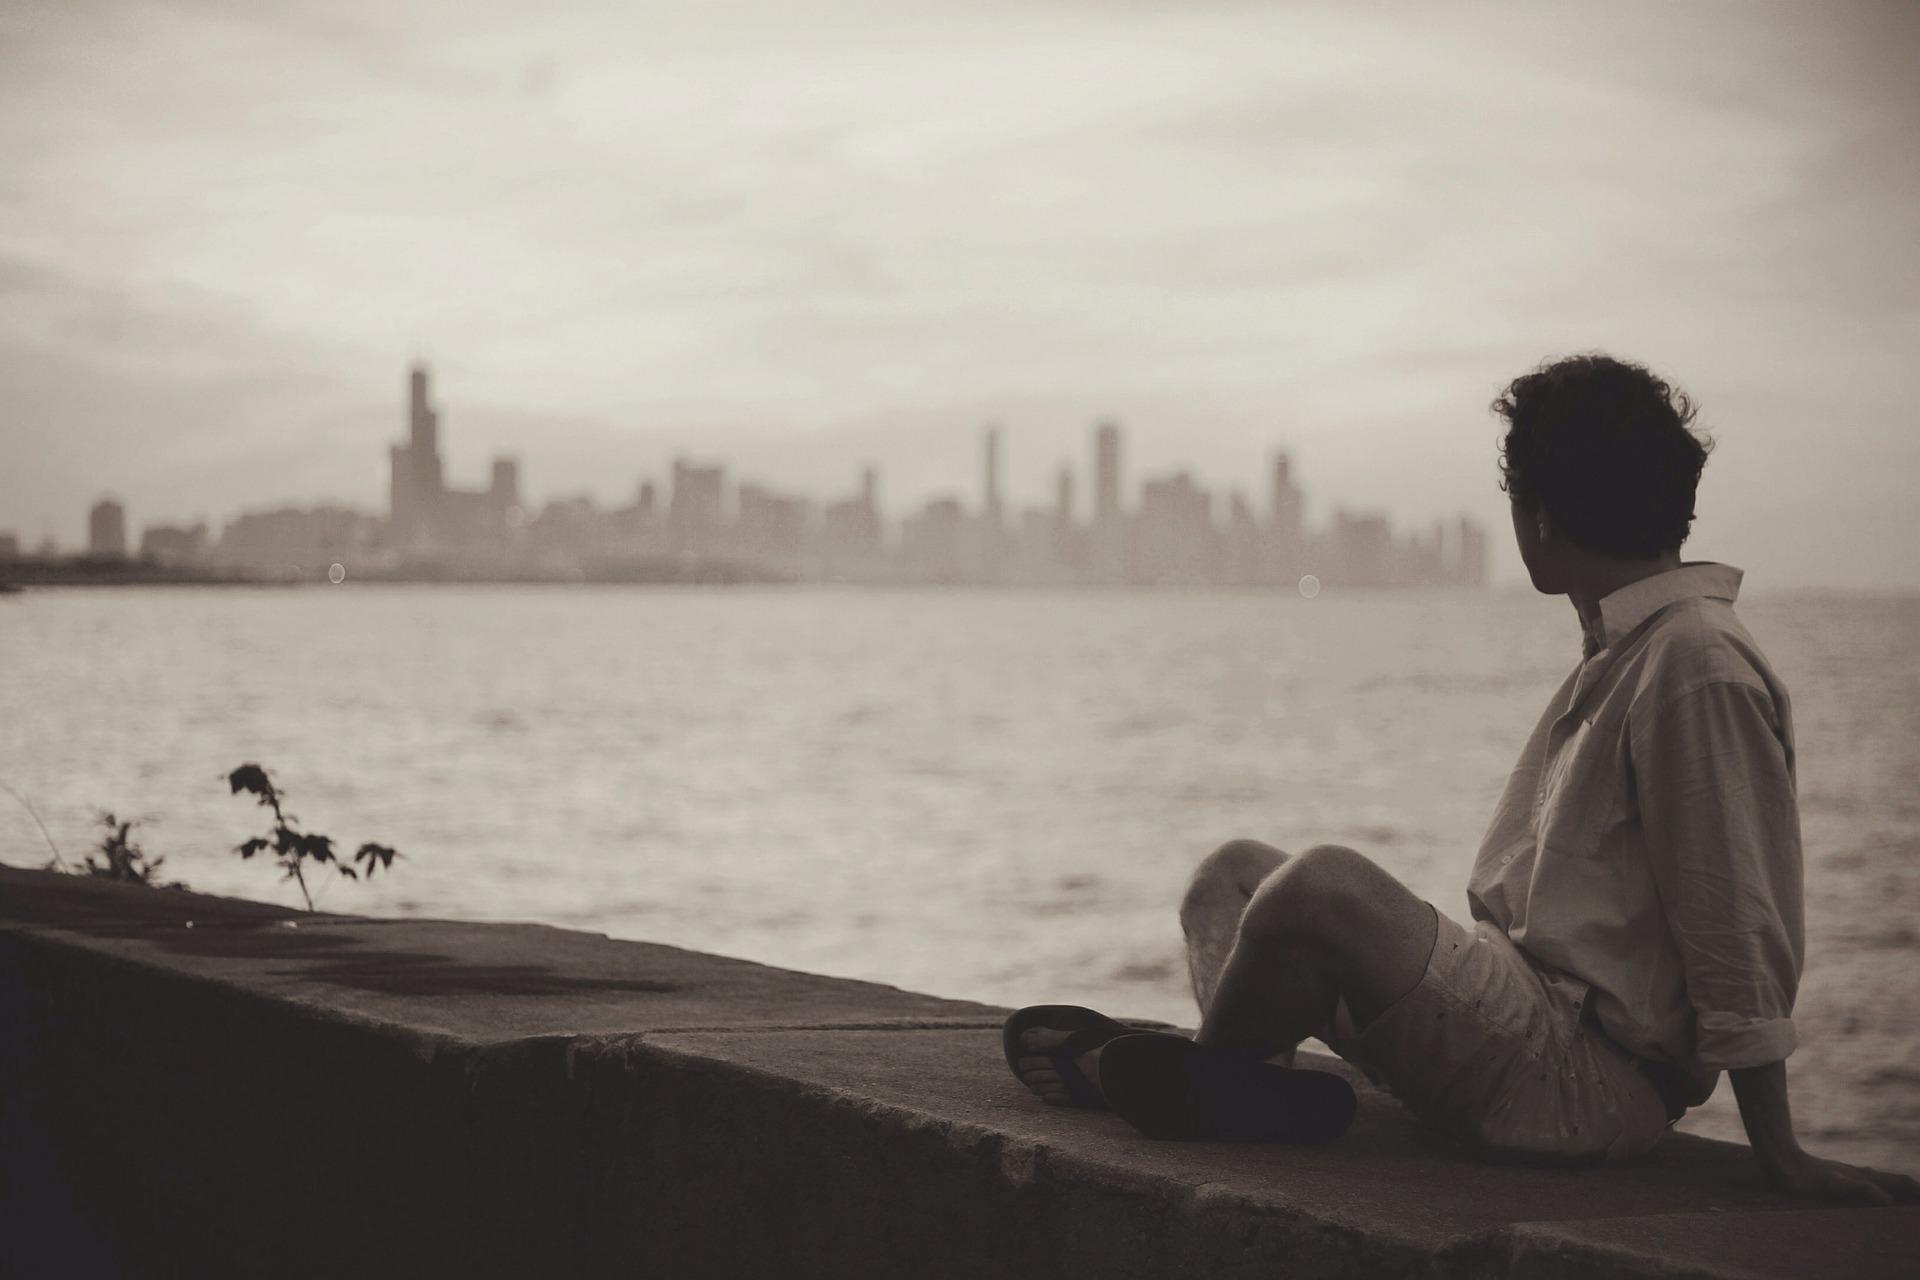 Das Gefühl der Trennung